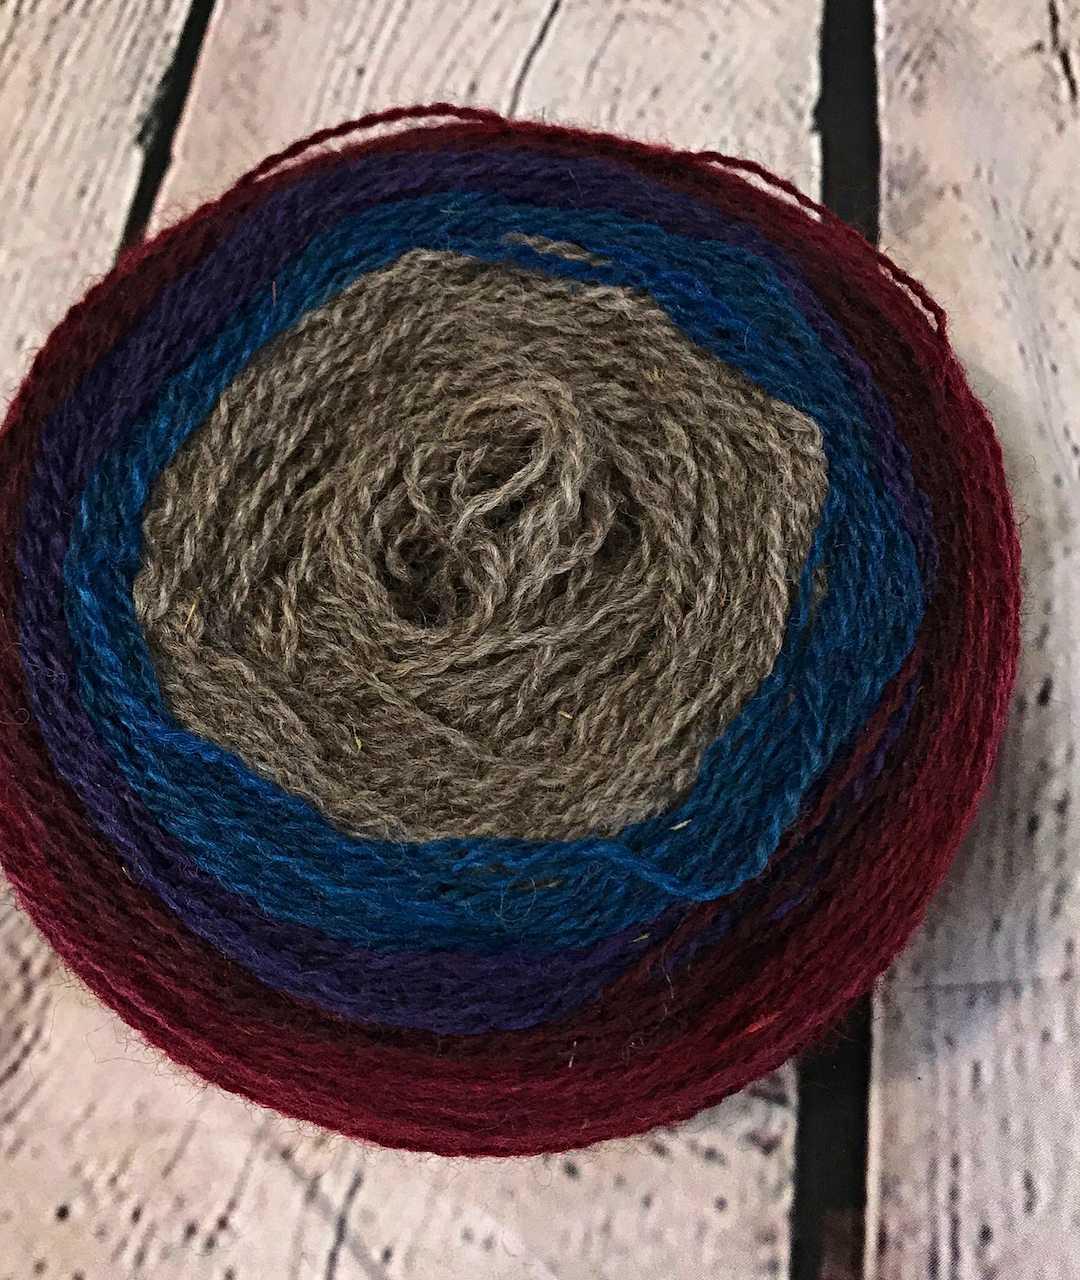 Purple Mort Bleu Butterly Knit Along - 5023 1